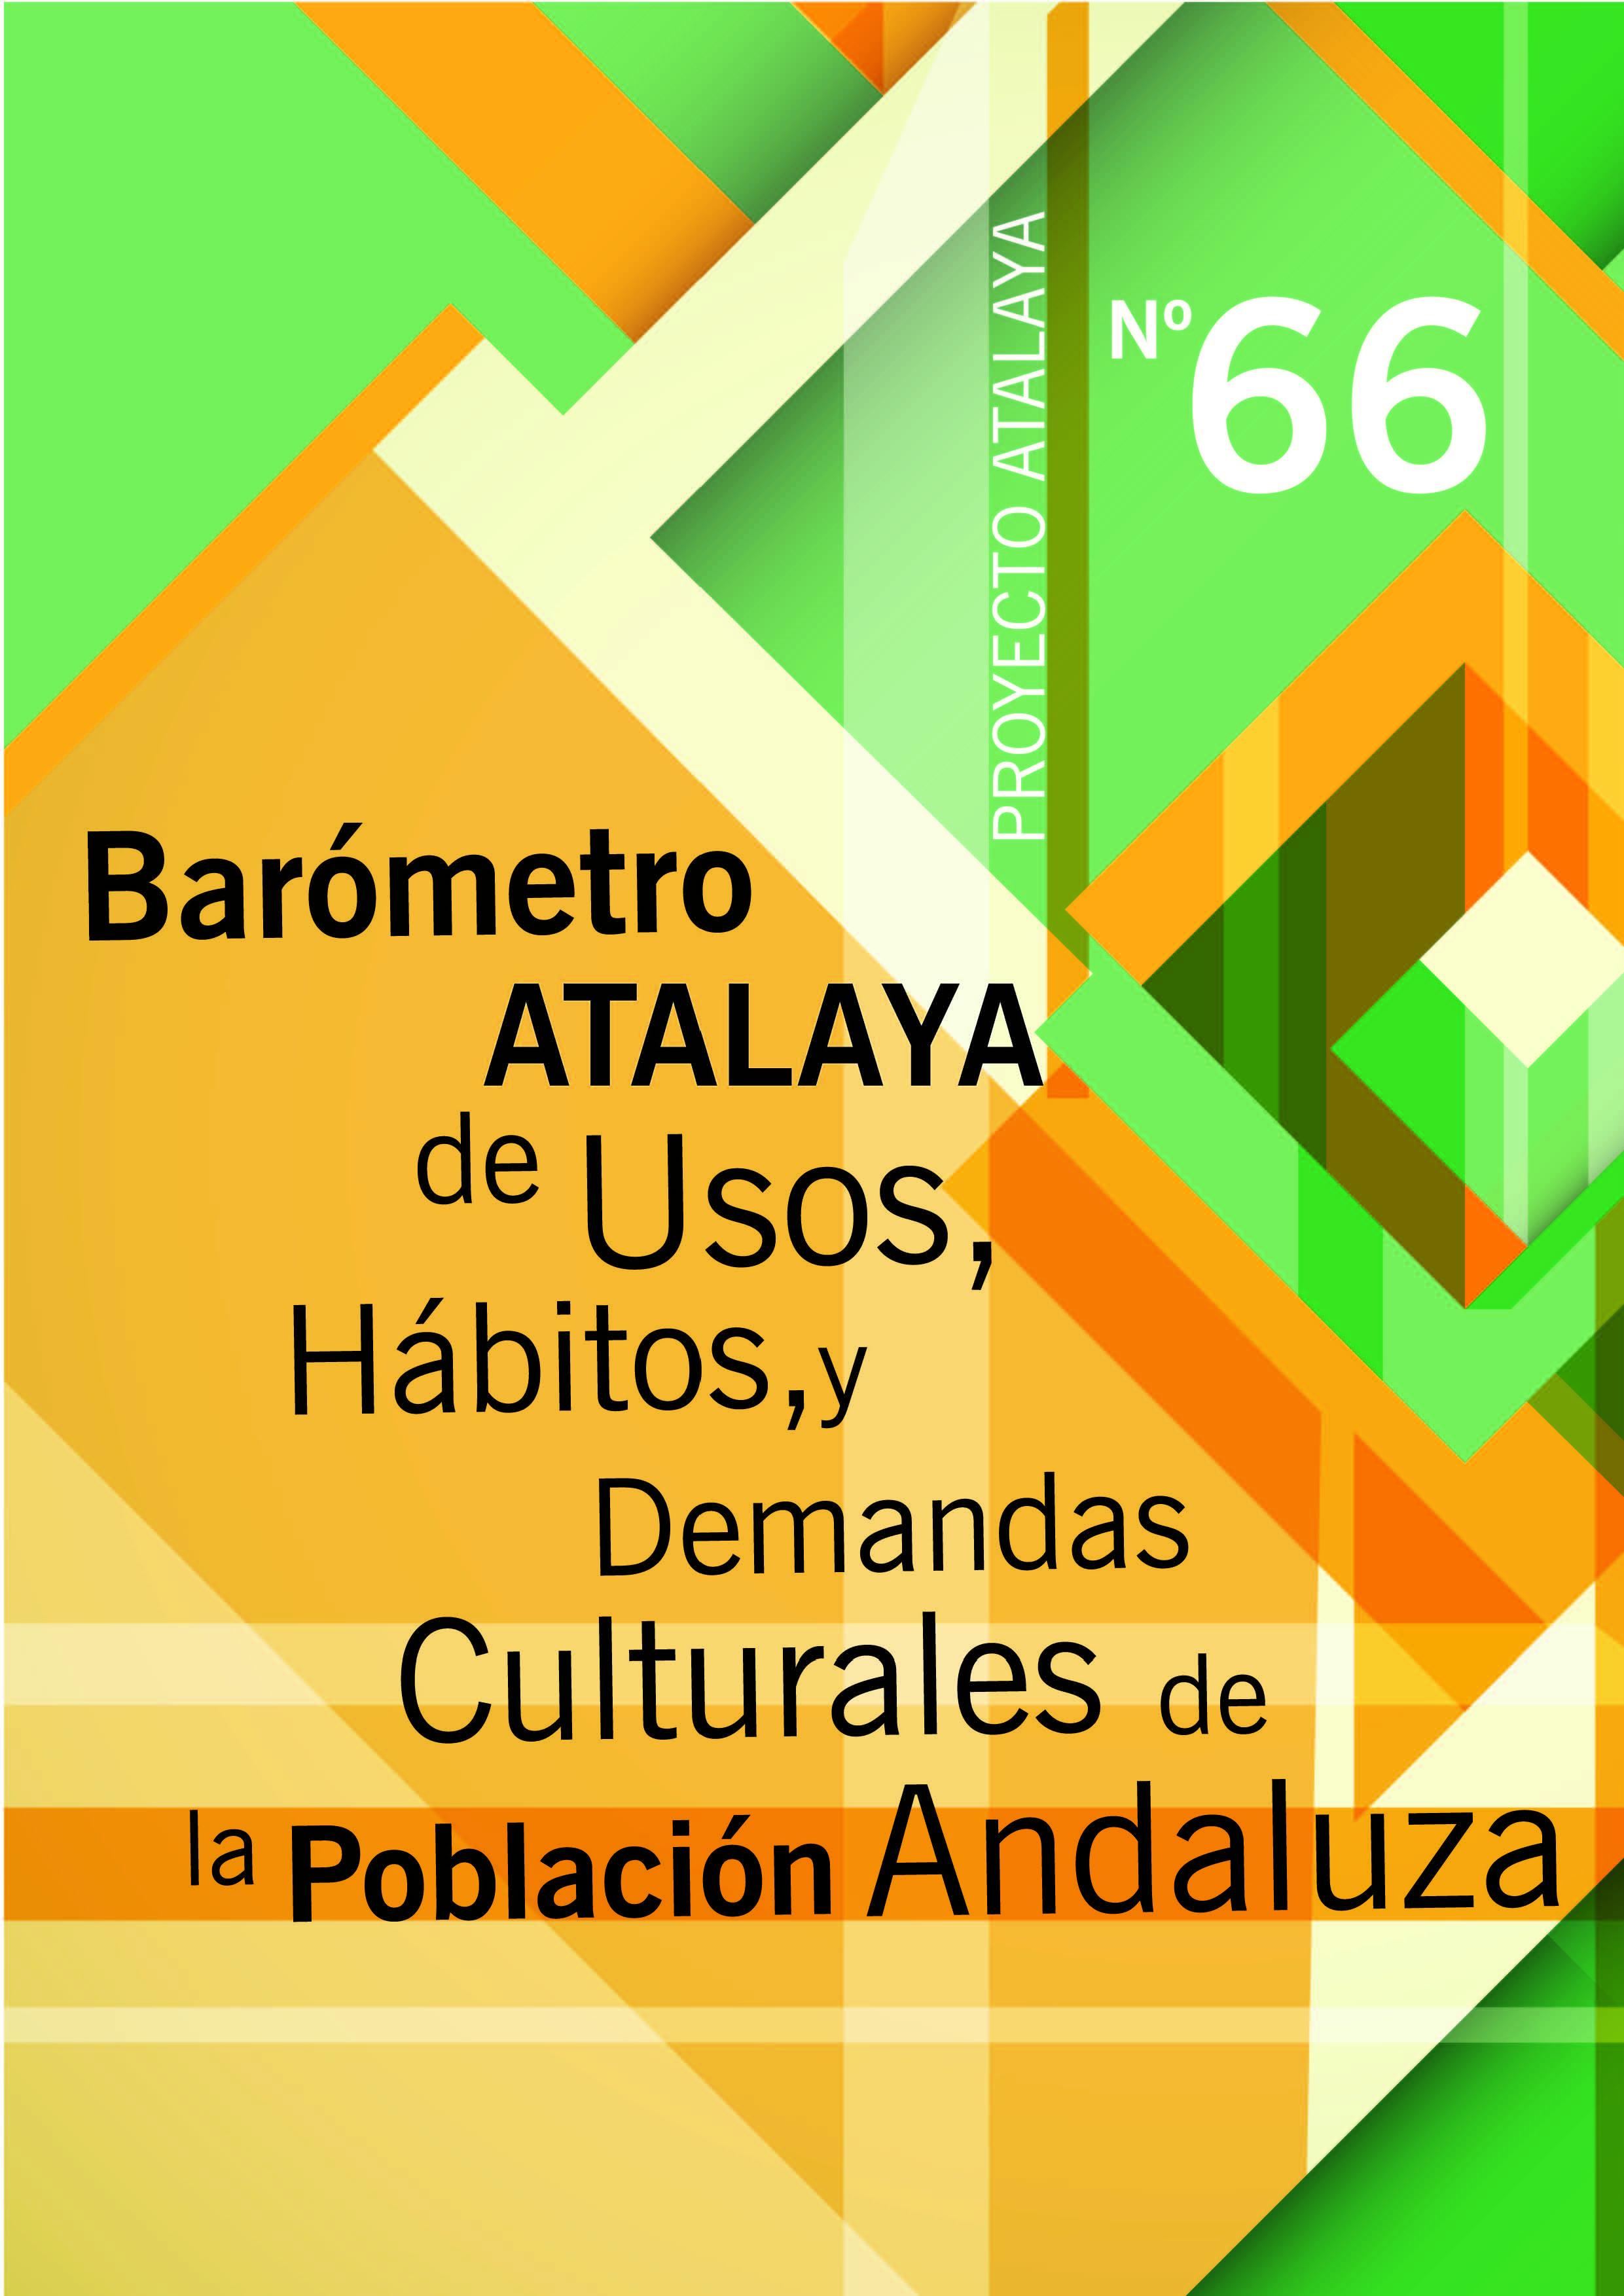 Barómetro Atalaya de Usos, Hábitos y Demandas Culturales de la Población Andaluza